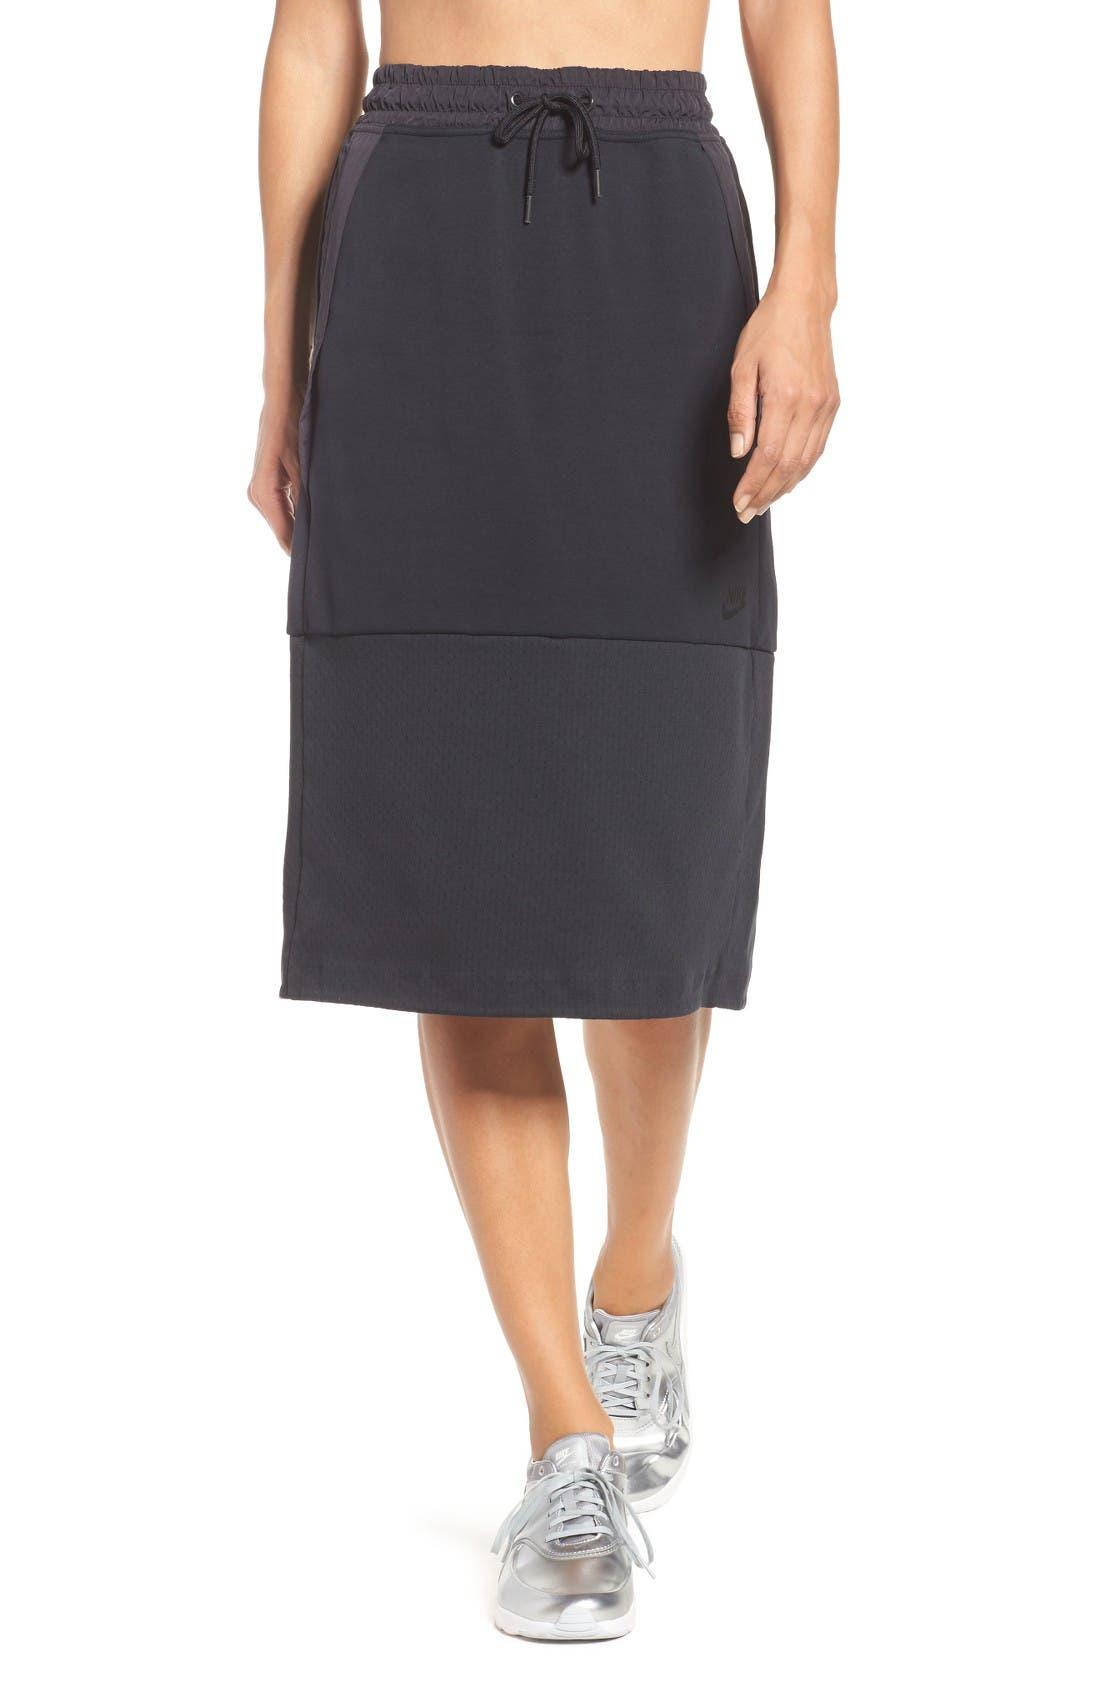 Alternate Image 1 Selected - Nike Tech Fleece Skirt